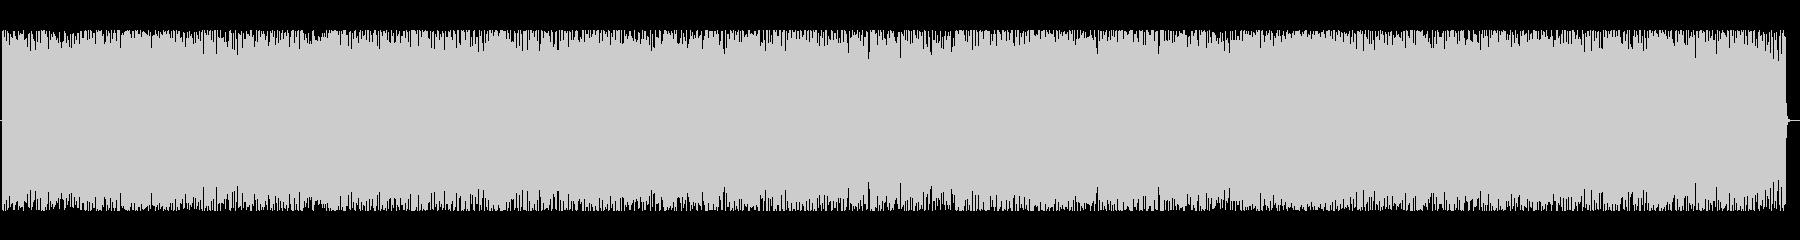 東洋のテクノポップの未再生の波形